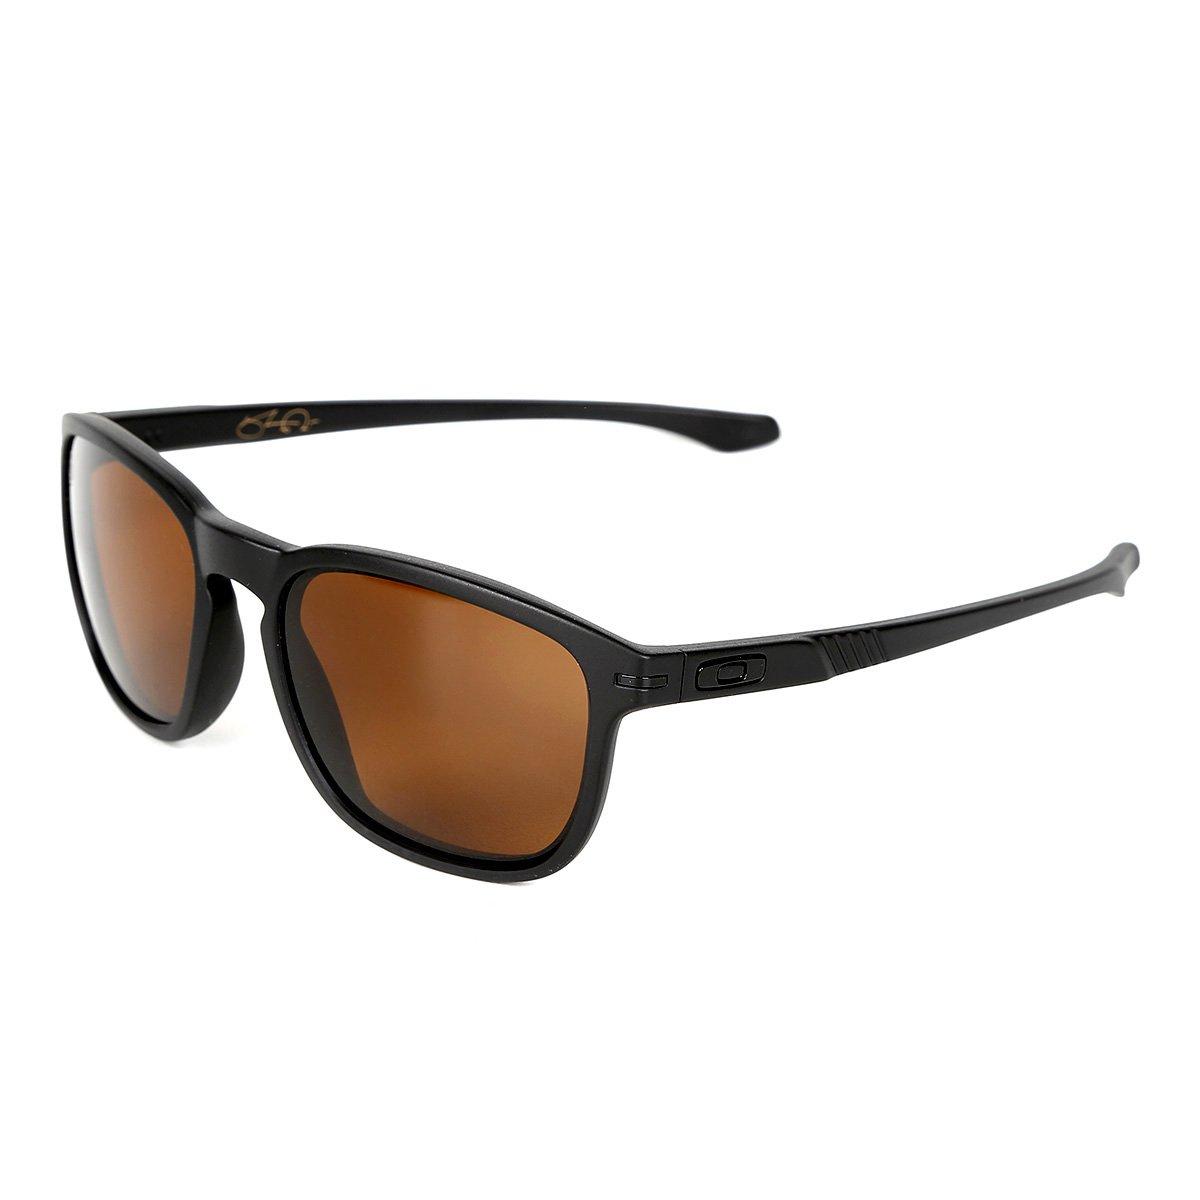 134bc5325 Óculos Oakley Enduro Masculino | Livelo -Sua Vida com Mais Recompensas